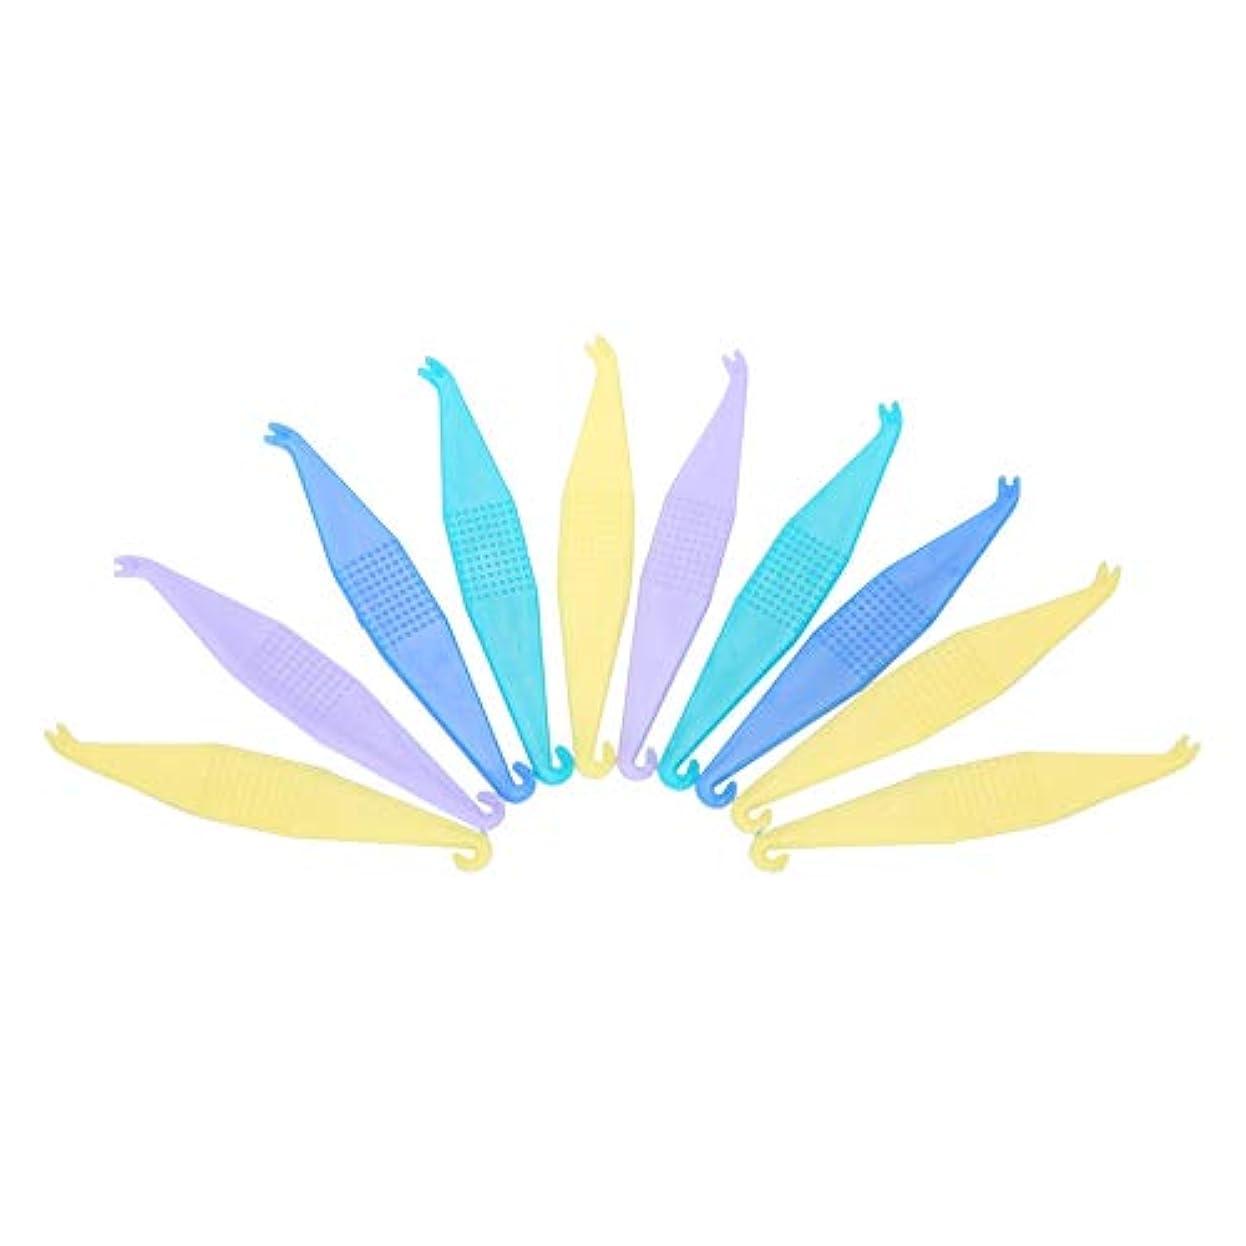 スラム街家庭教師どっちTOPINCN 【10個セット】使い捨て矯正用弾性プラスサーズ 歯科用 使い捨て プラスチック製 歯列矯正歯科用プラスター 安全 衛生